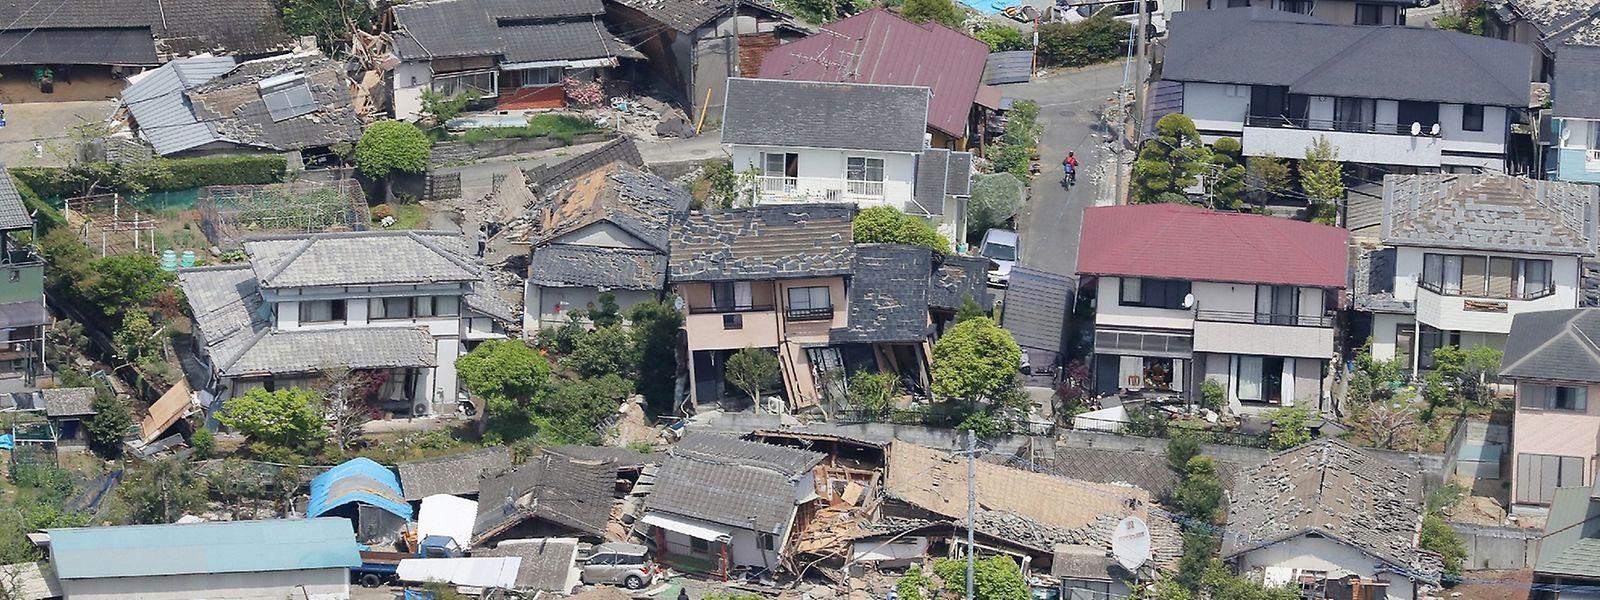 Zahlreiche Häuser stürzten ein oder wurden beschädigt, 3000 Menschen mussten sich in Sicherheit bringen.